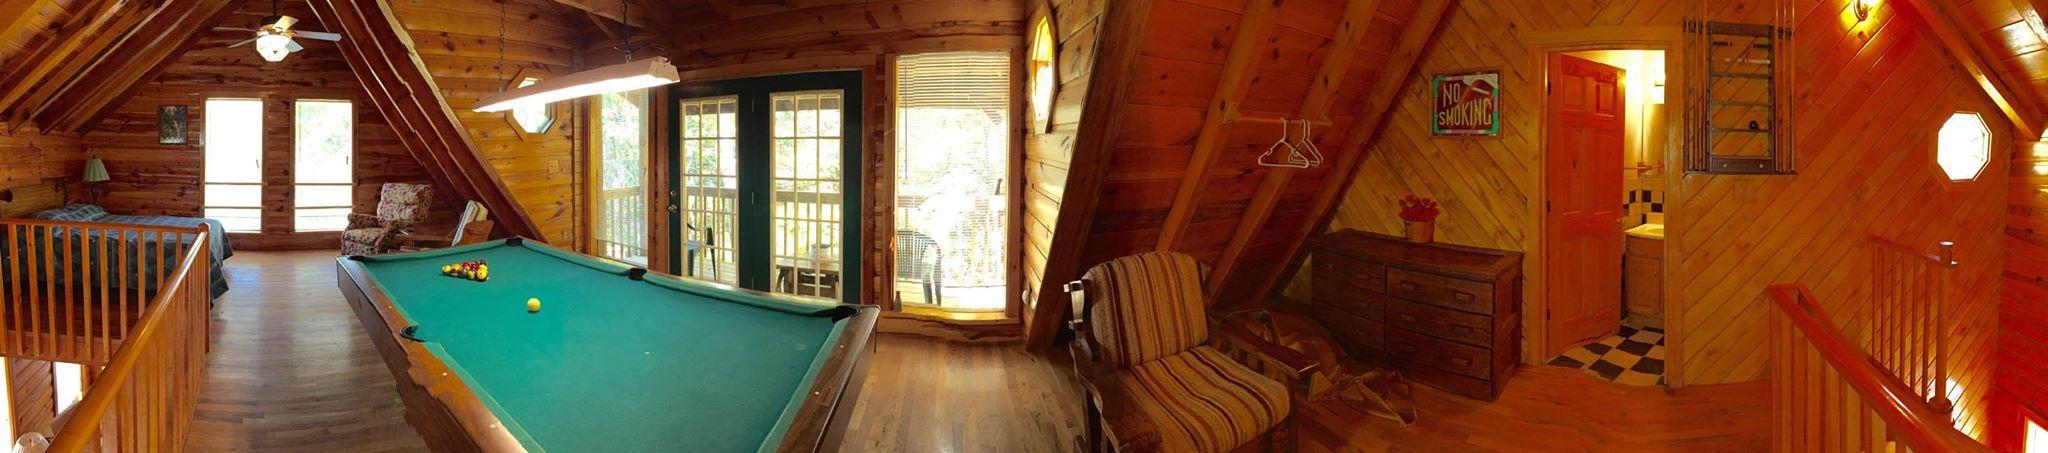 panoramic view of cabin upstairs